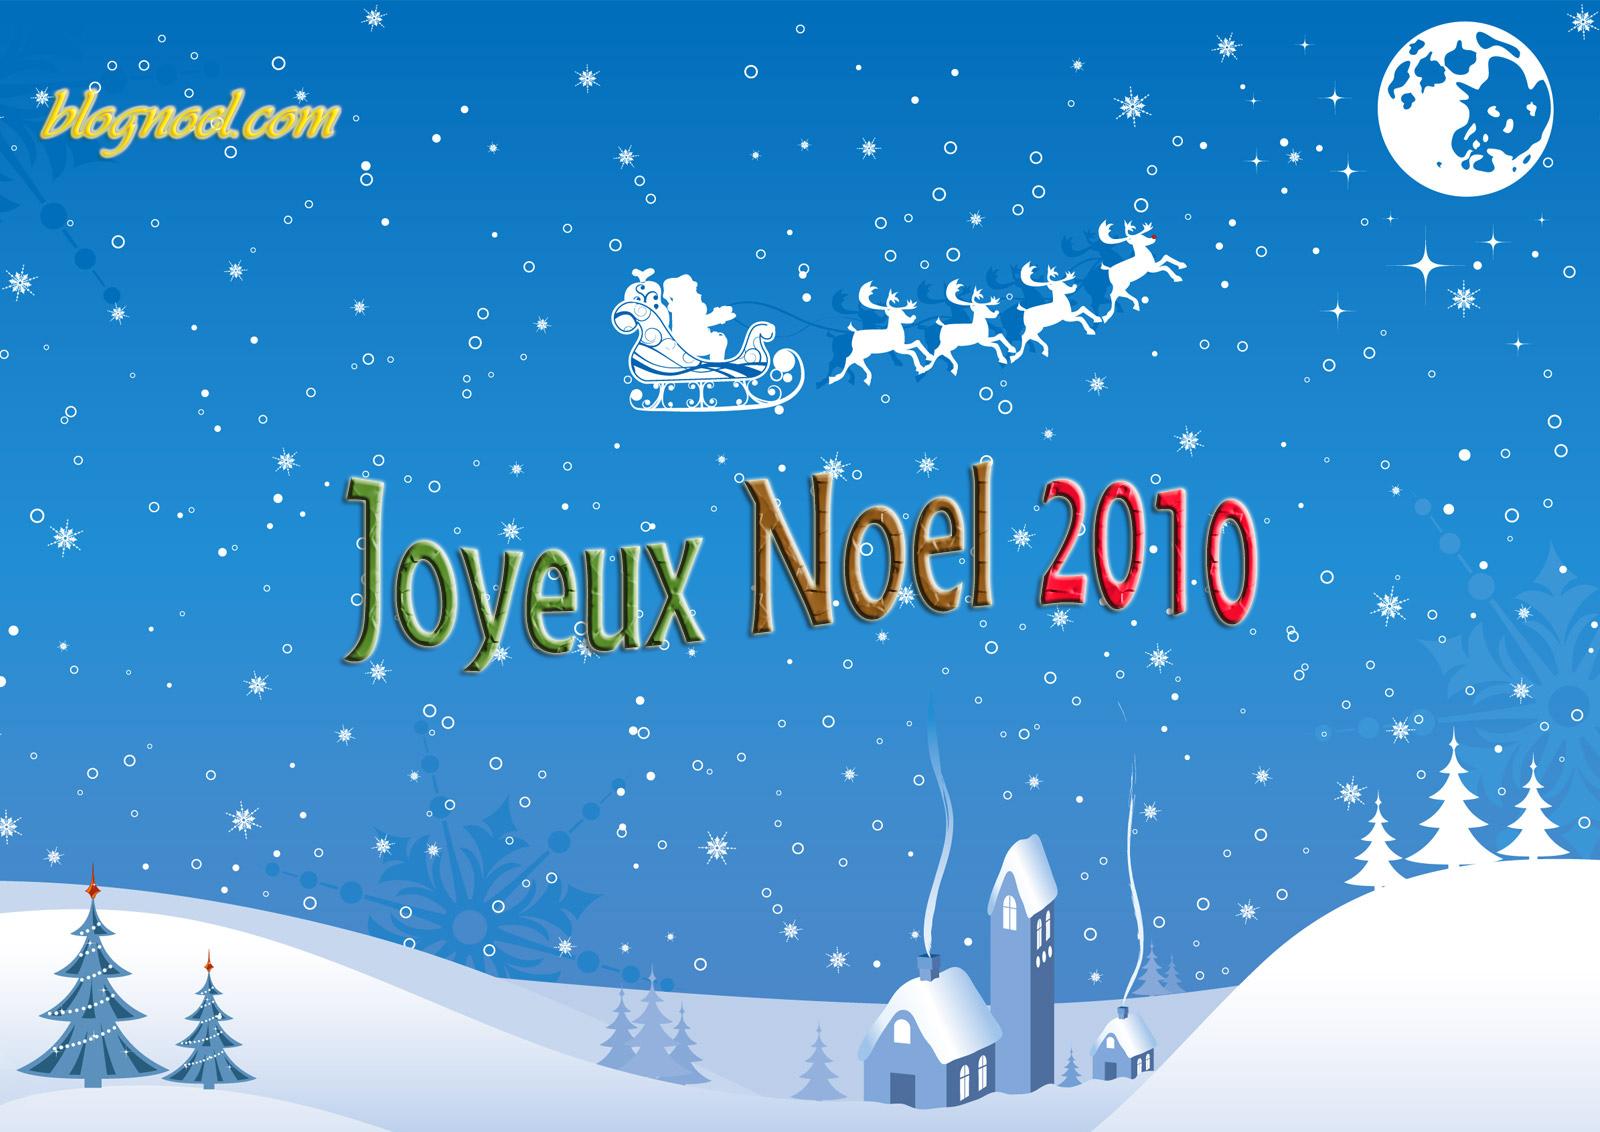 Joyeux Noël 2010 – images fond d'écran joyeux-noel-pere-noel ...